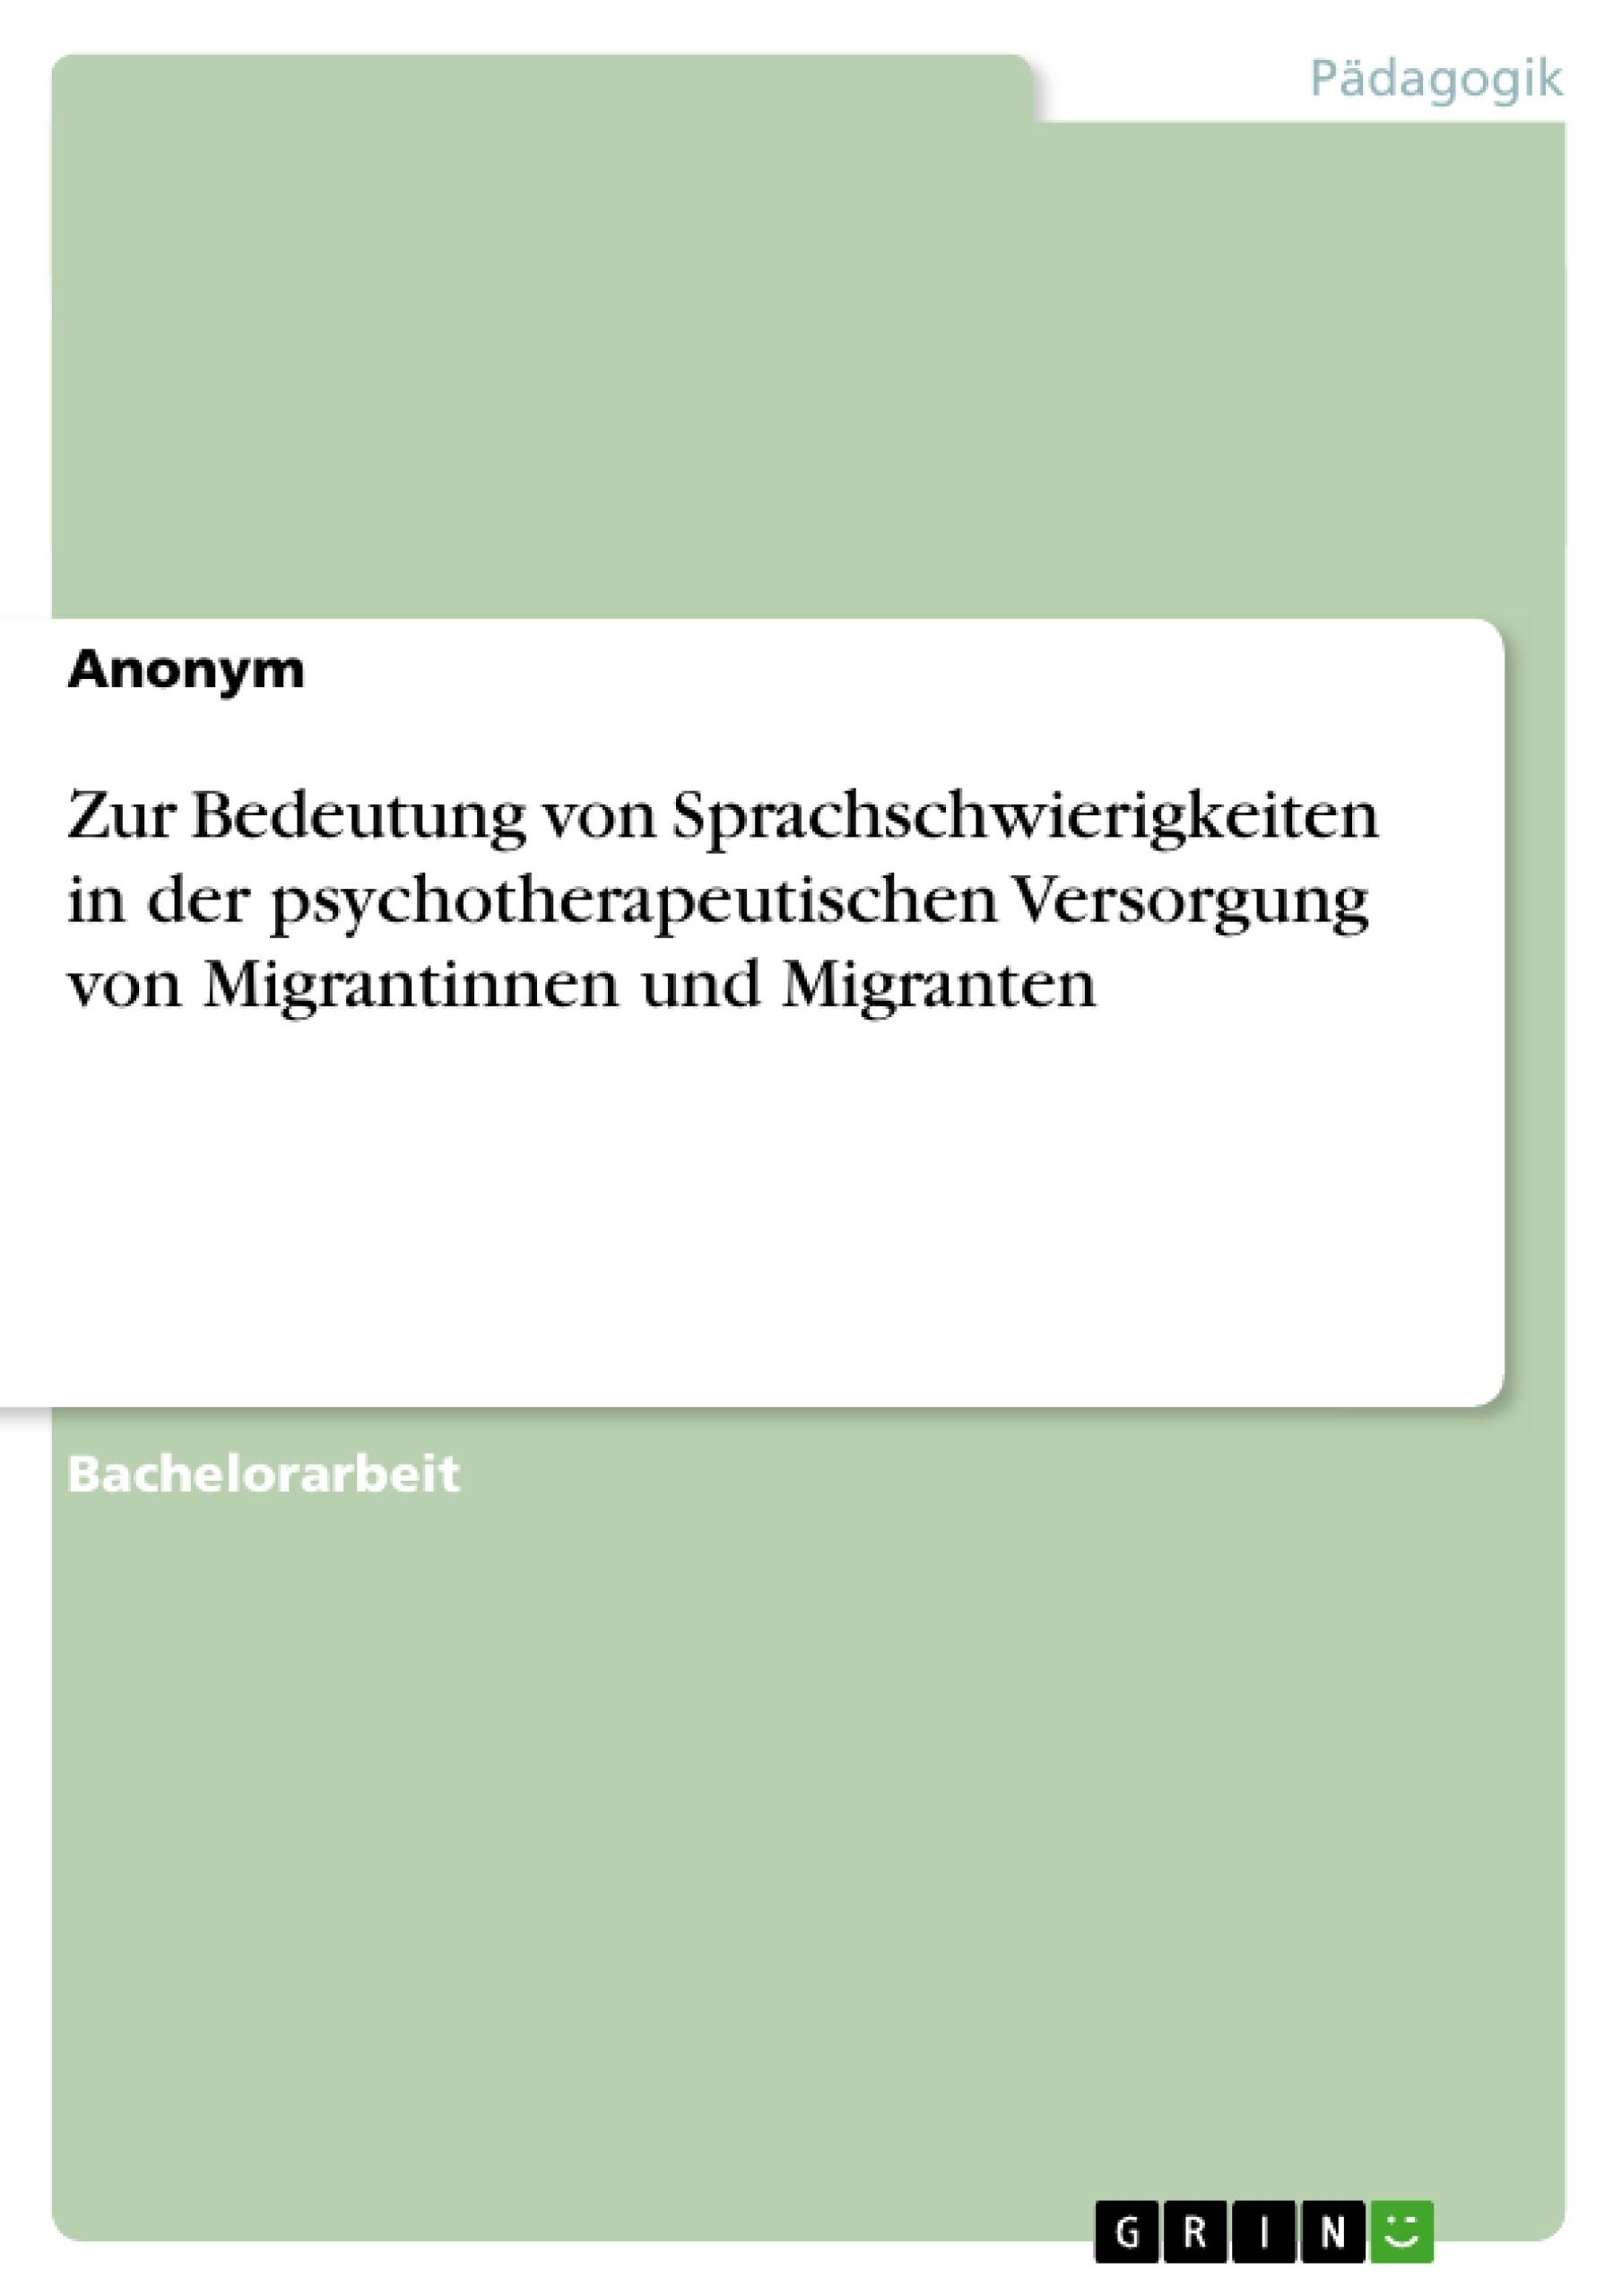 Titel: Zur Bedeutung von Sprachschwierigkeiten in der psychotherapeutischen Versorgung von Migrantinnen und Migranten